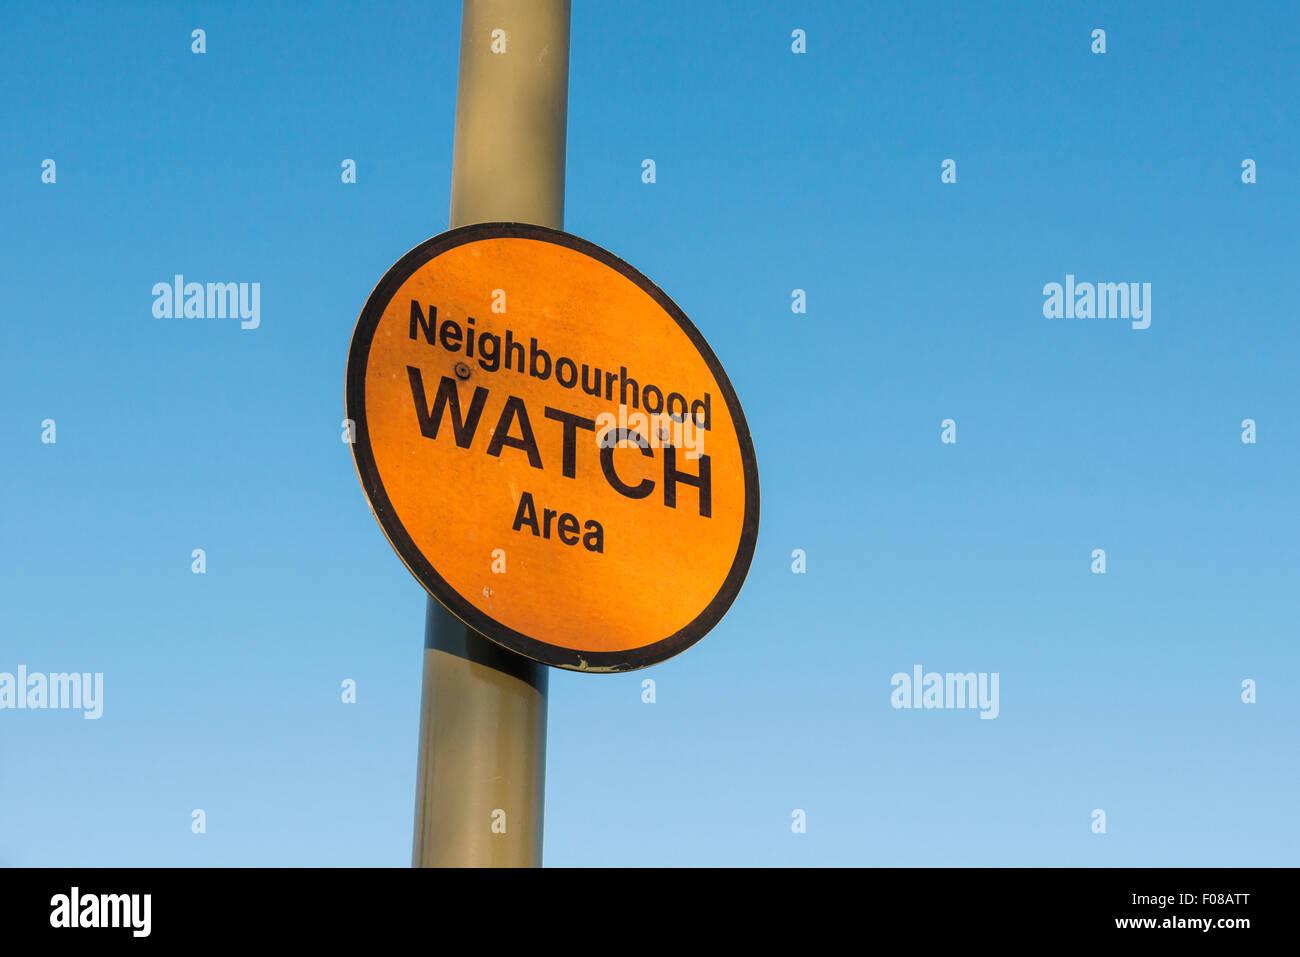 Neighbourhood Watch Area sign on lamppost UK - Stock Image